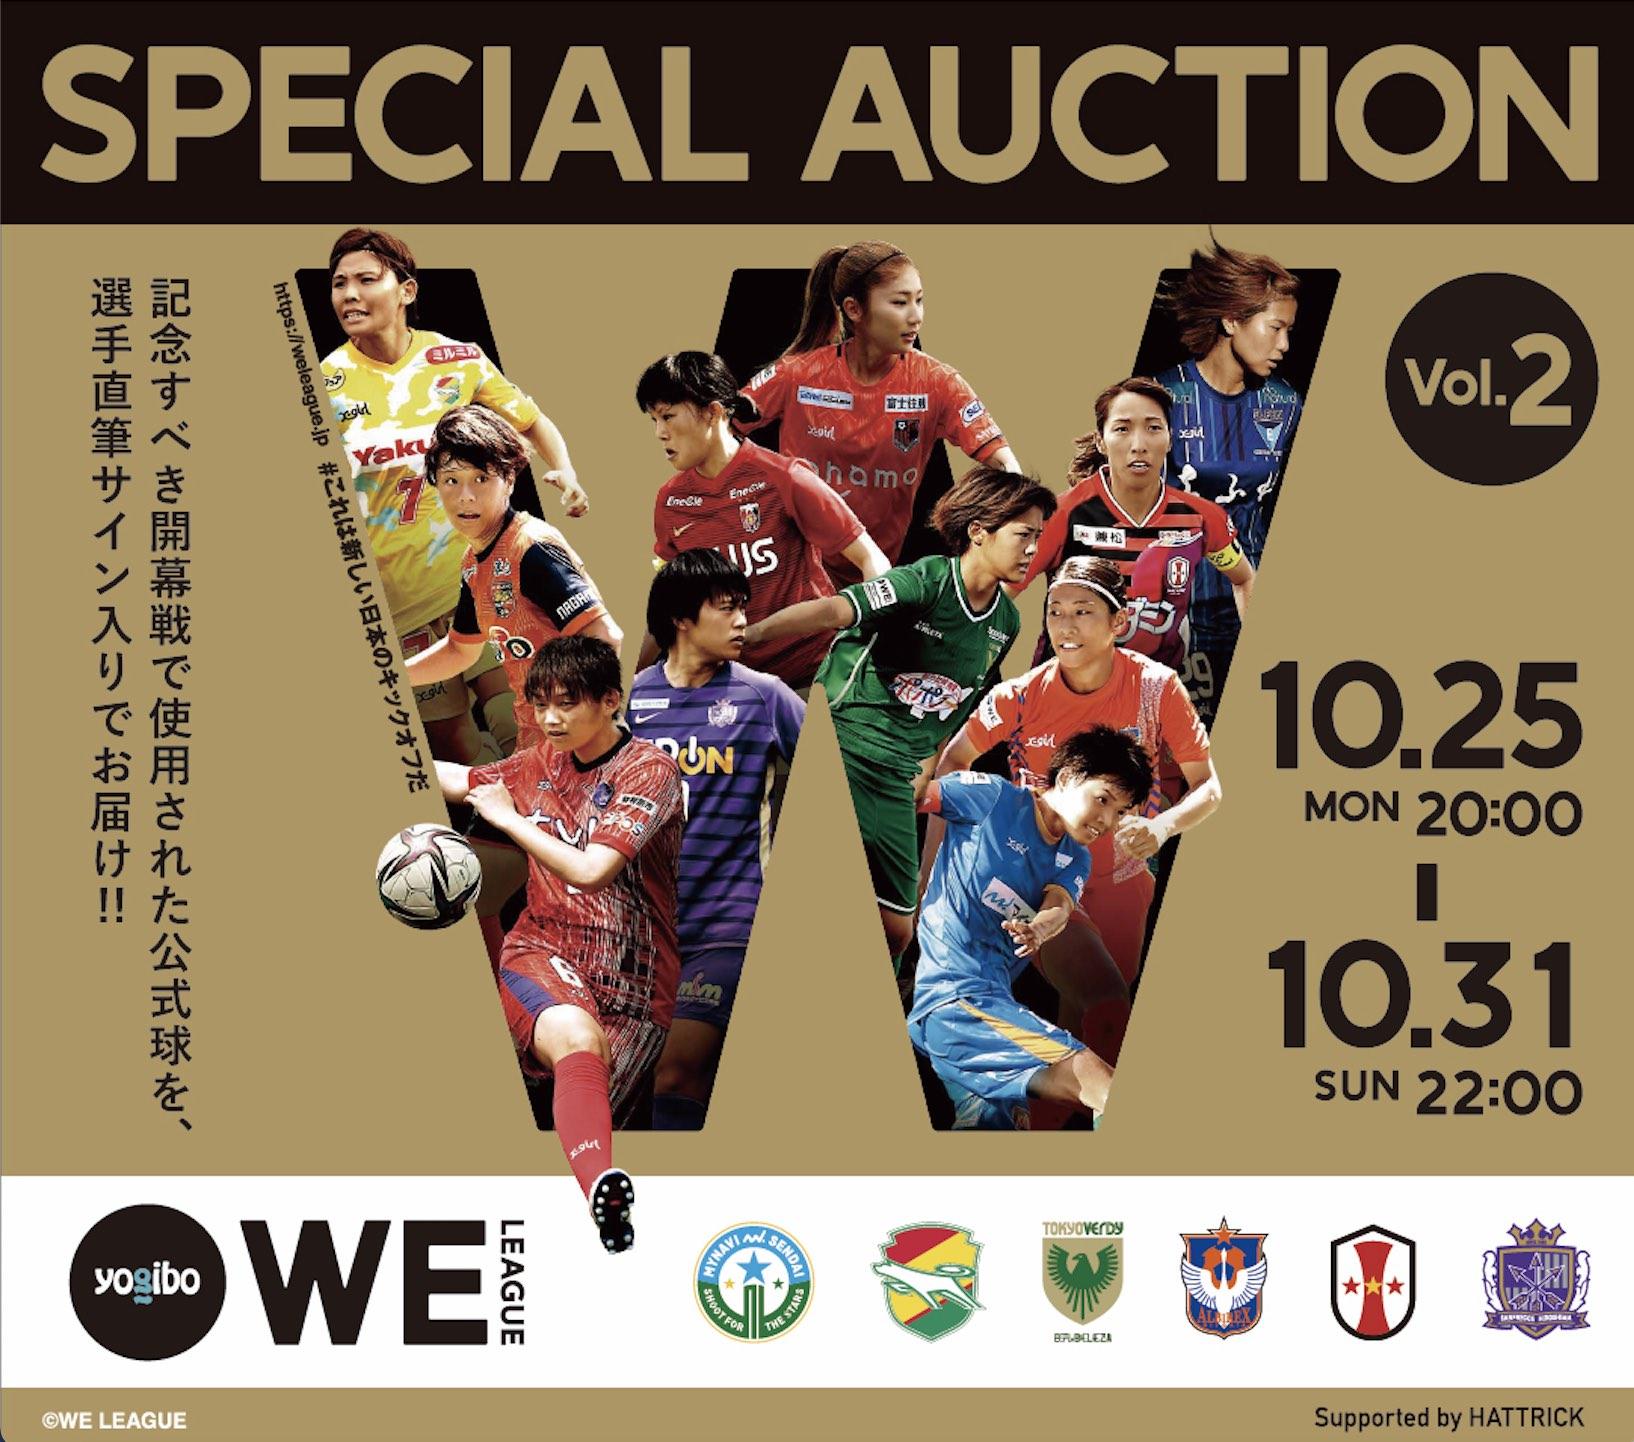 WEリーグ 開幕記念スペシャルオークション VOL.2